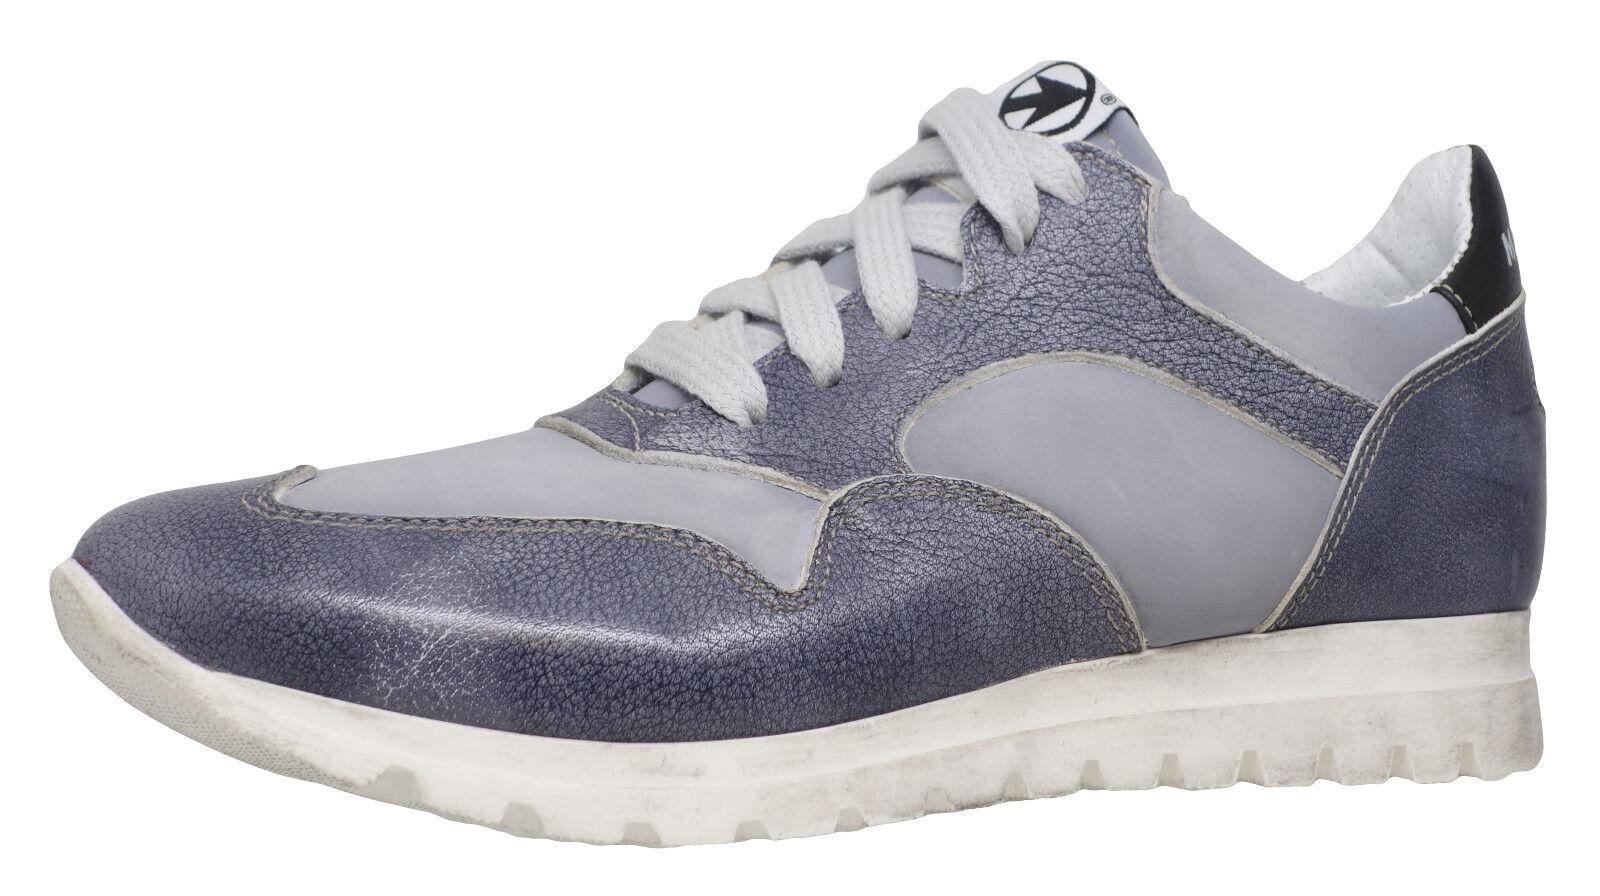 Momino 3680V coole Leder Sneakers Schuhe Neu  Grau Handarbeit Gr.35-40 Neu Schuhe ad0d02